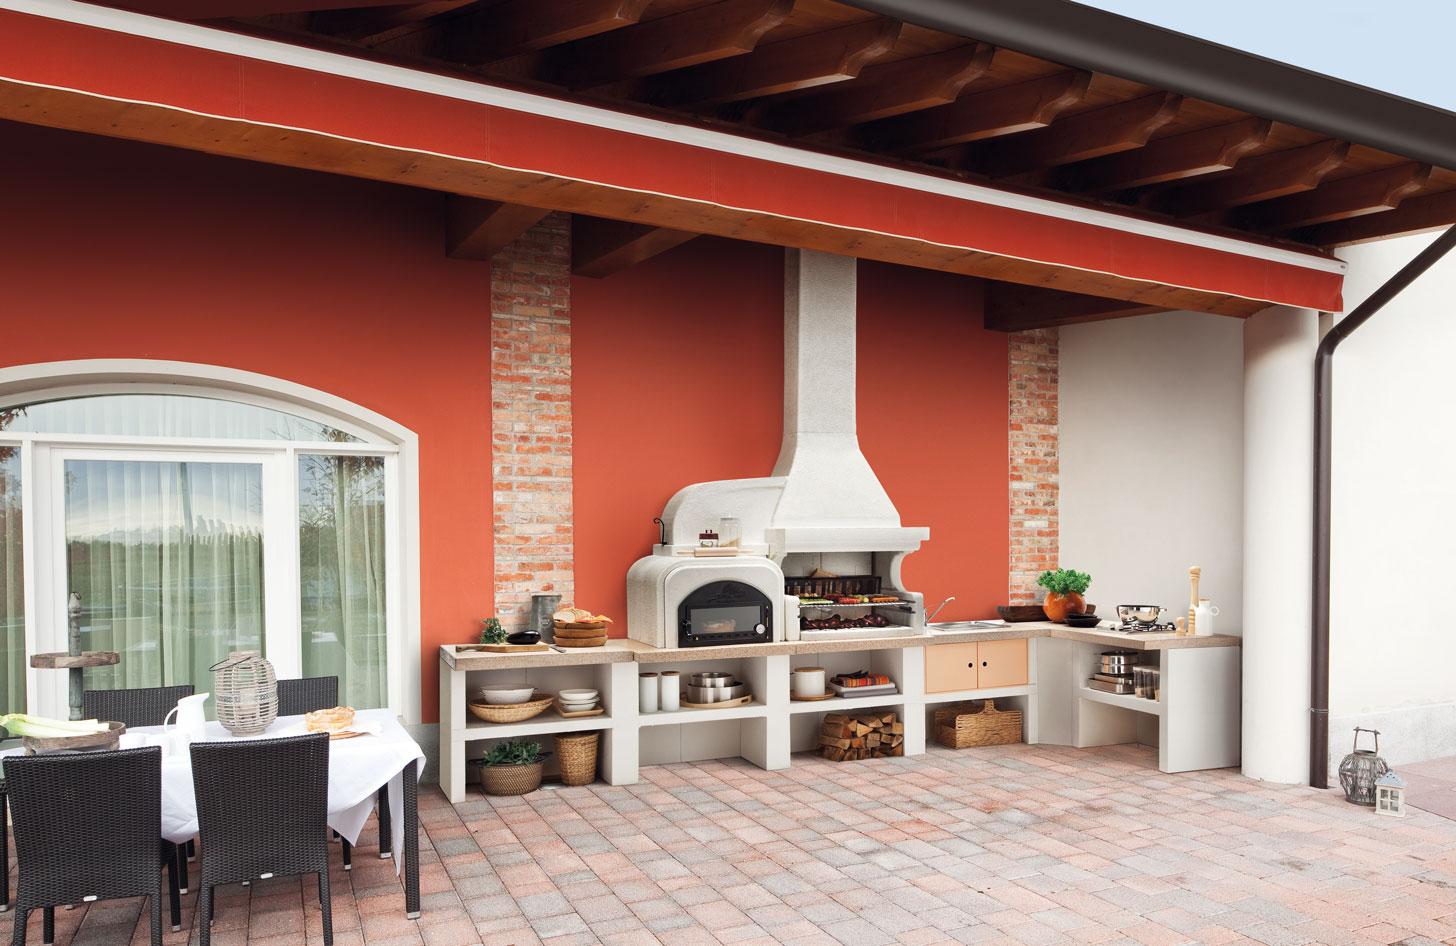 Cucine da esterno piani cottura barbecue e arredi per for Piani di casa fai da te